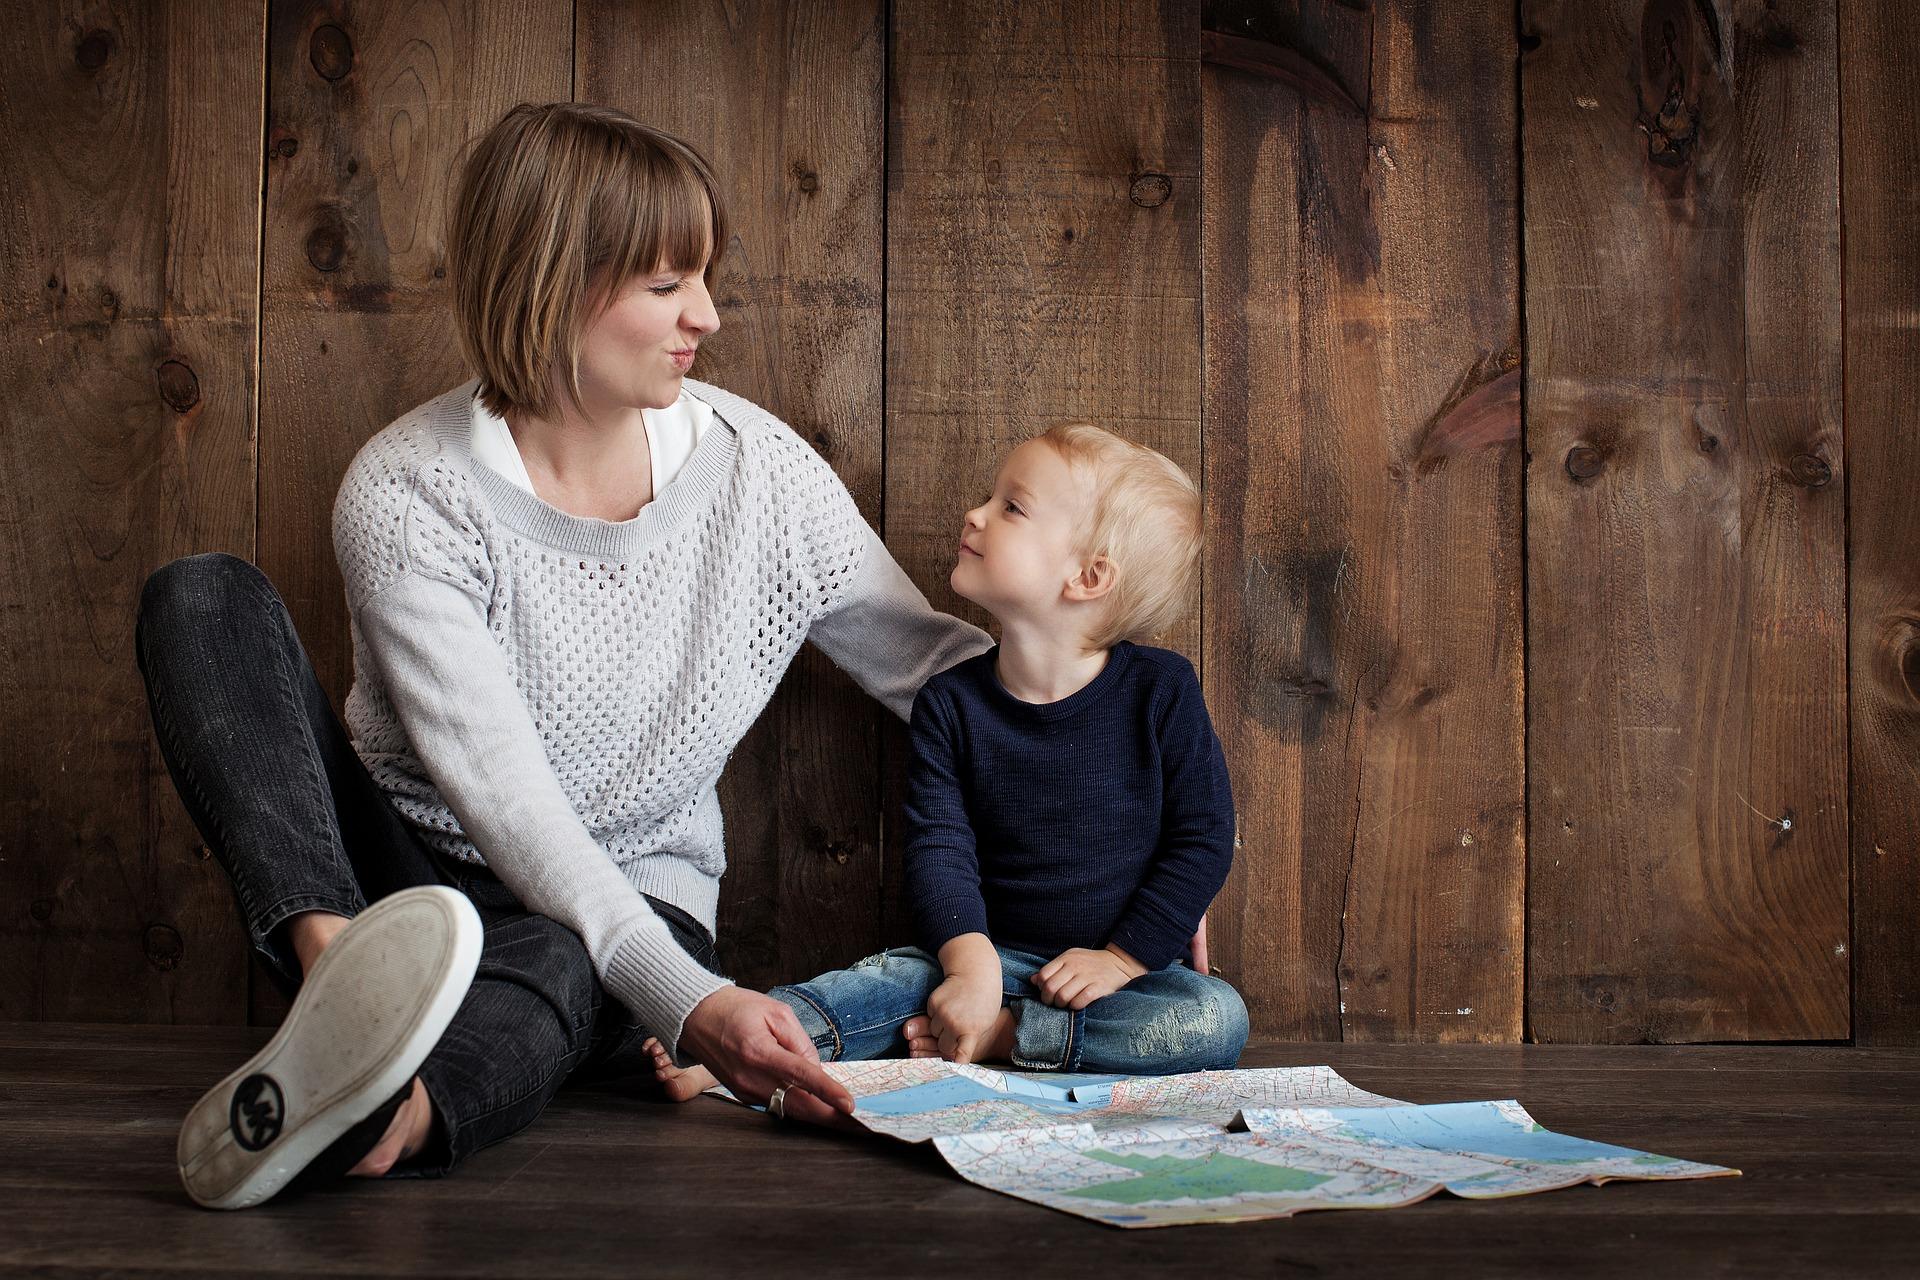 お母さんとの関係性について